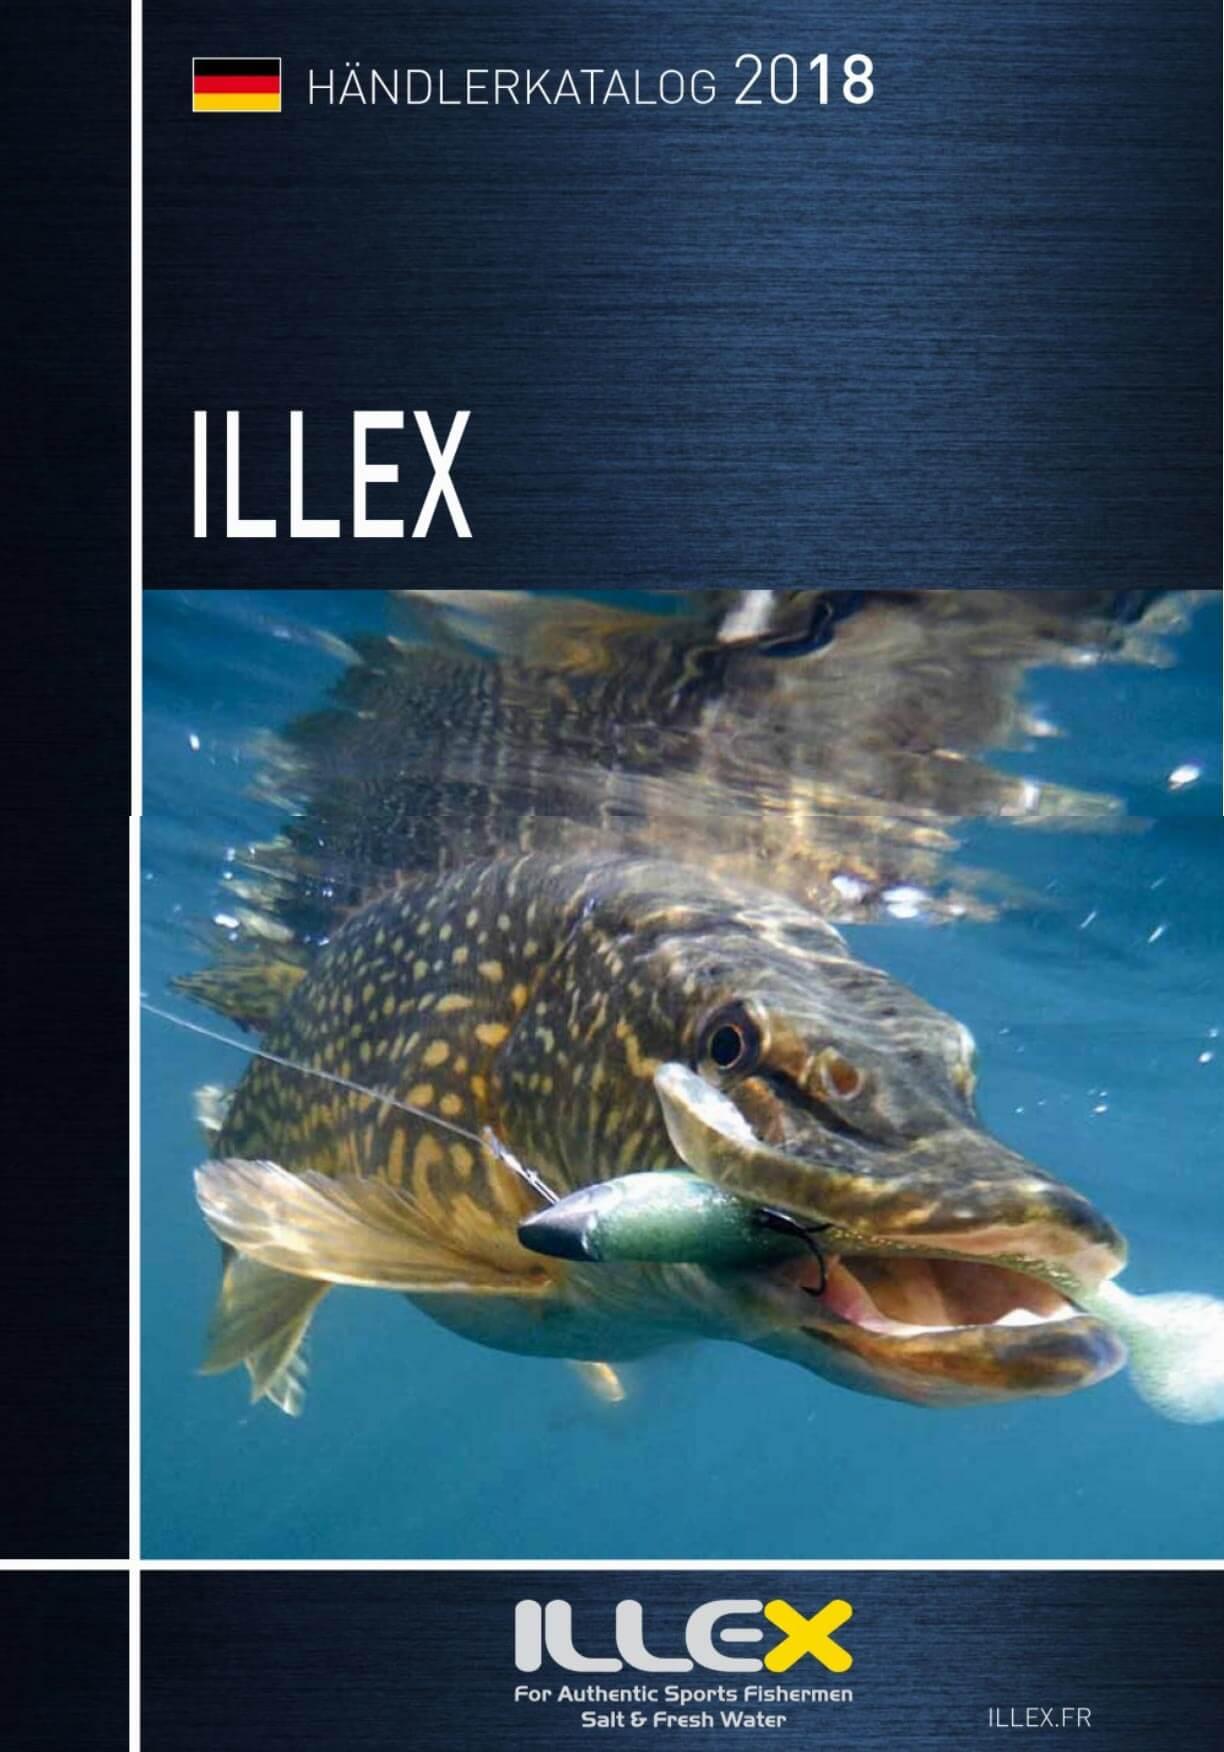 Illex Angelkatalog 2018